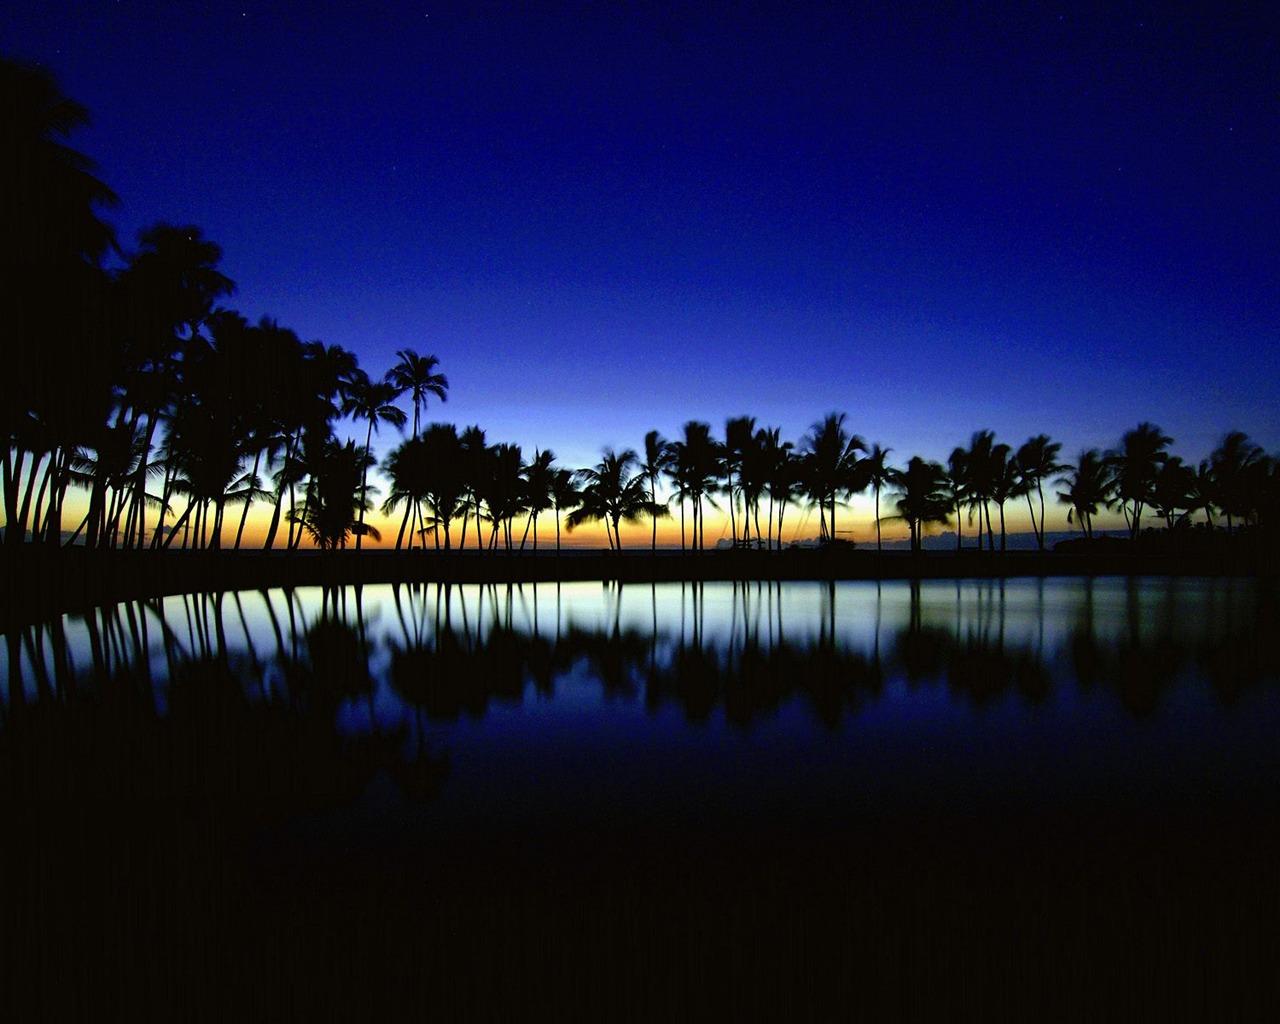 ハワイの壁紙の美しい風景 32 1280x1024 壁紙ダウンロード ハワイの壁紙の美しい風景 風景 壁紙 V3の壁紙